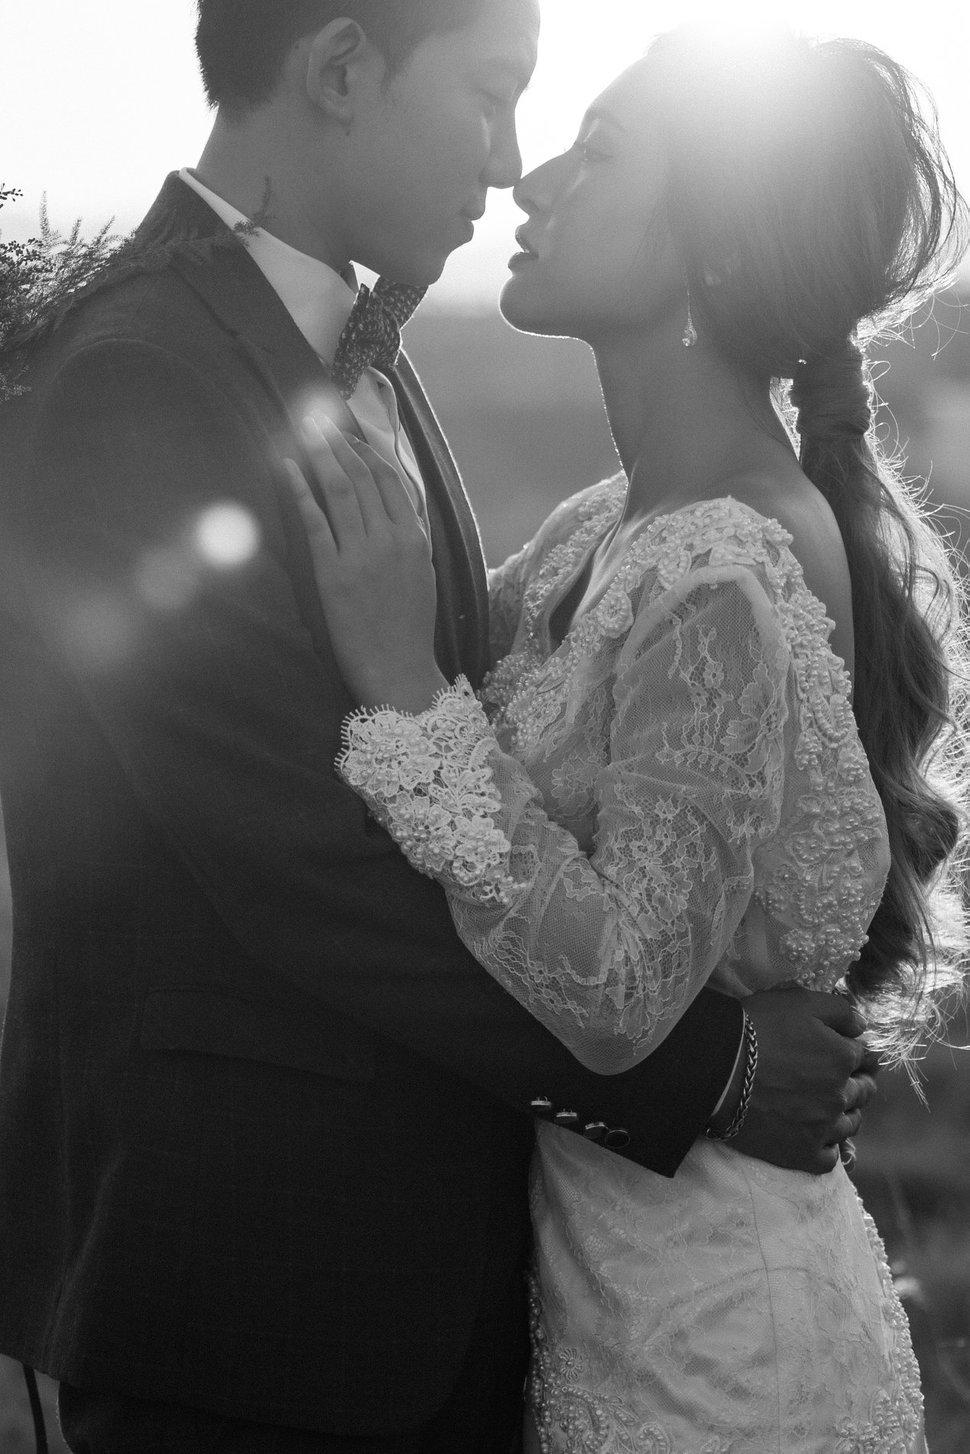 52596261_992430590880541_1774092372540391424_o - LINN  美式婚紗《結婚吧》